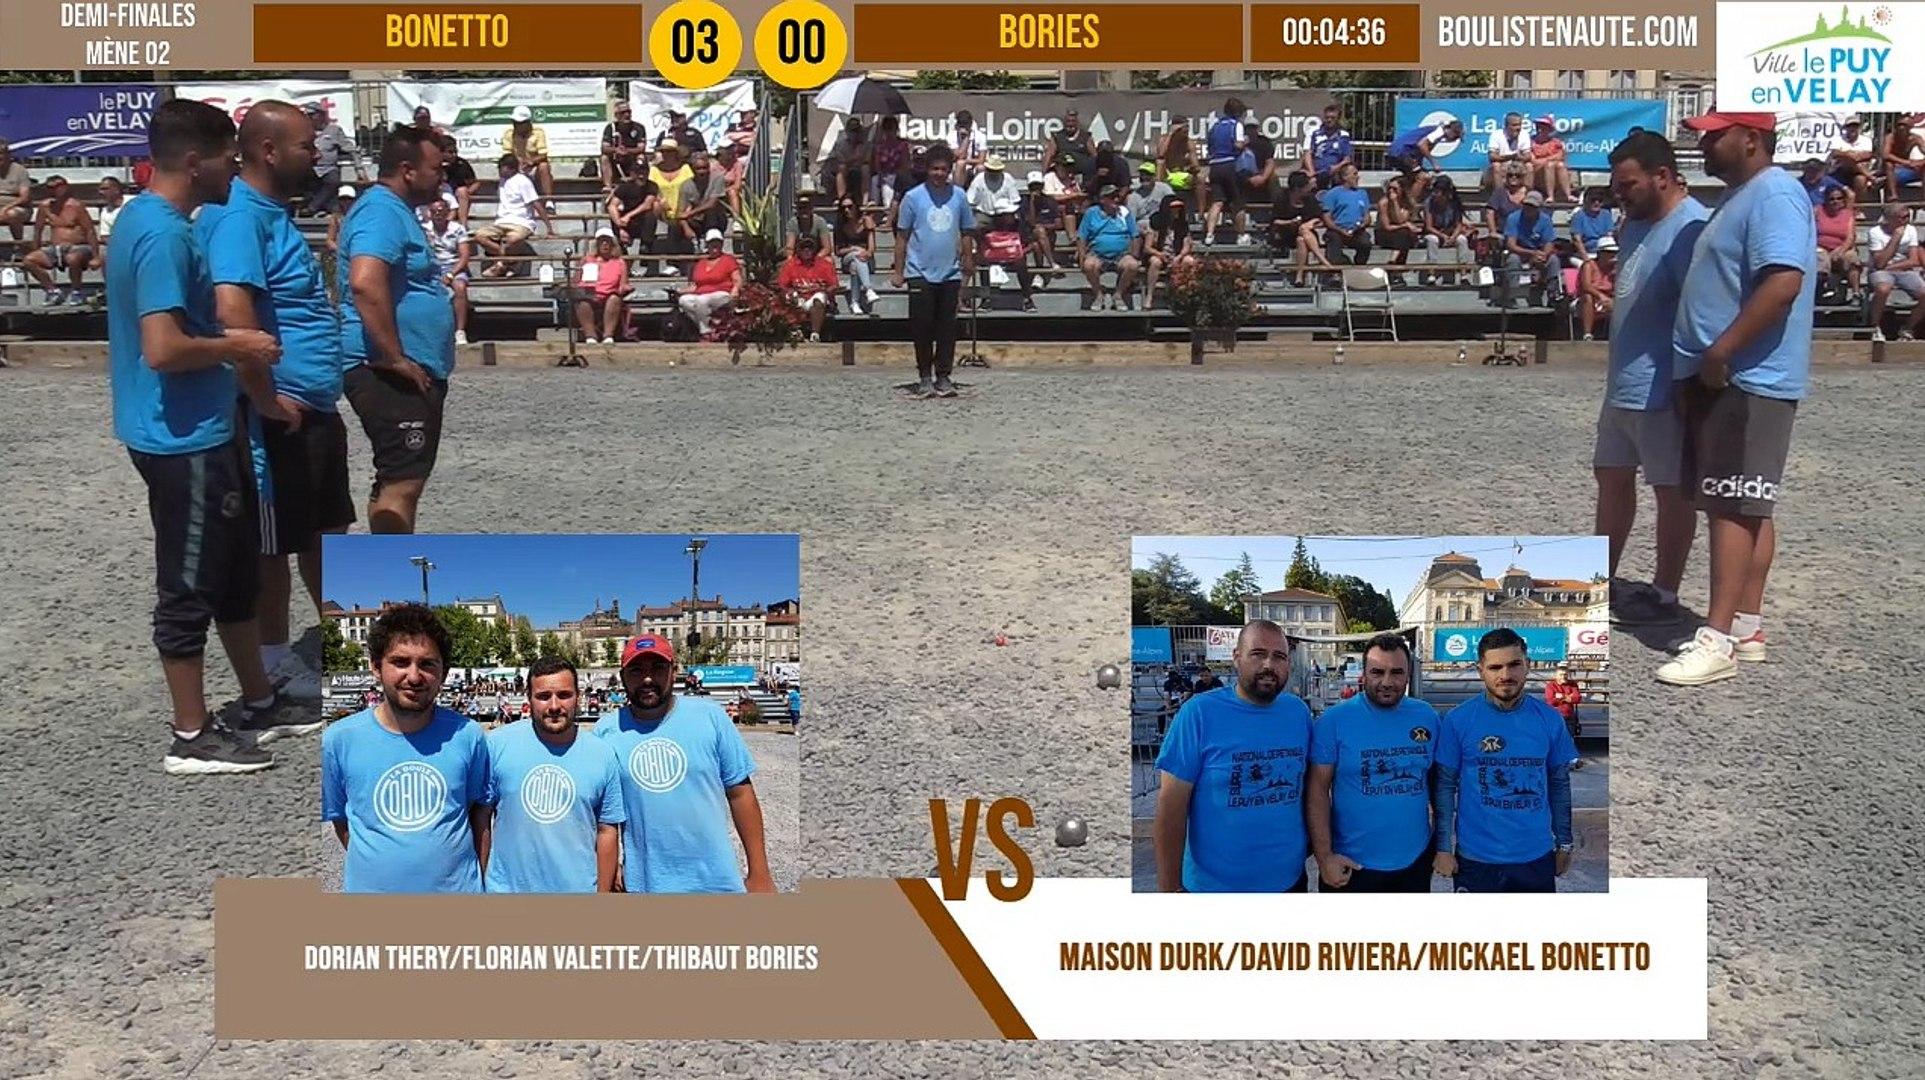 Demi-finale BONETTO vs BORIES : Supranational à pétanque du Puy-en-Velay été 2019